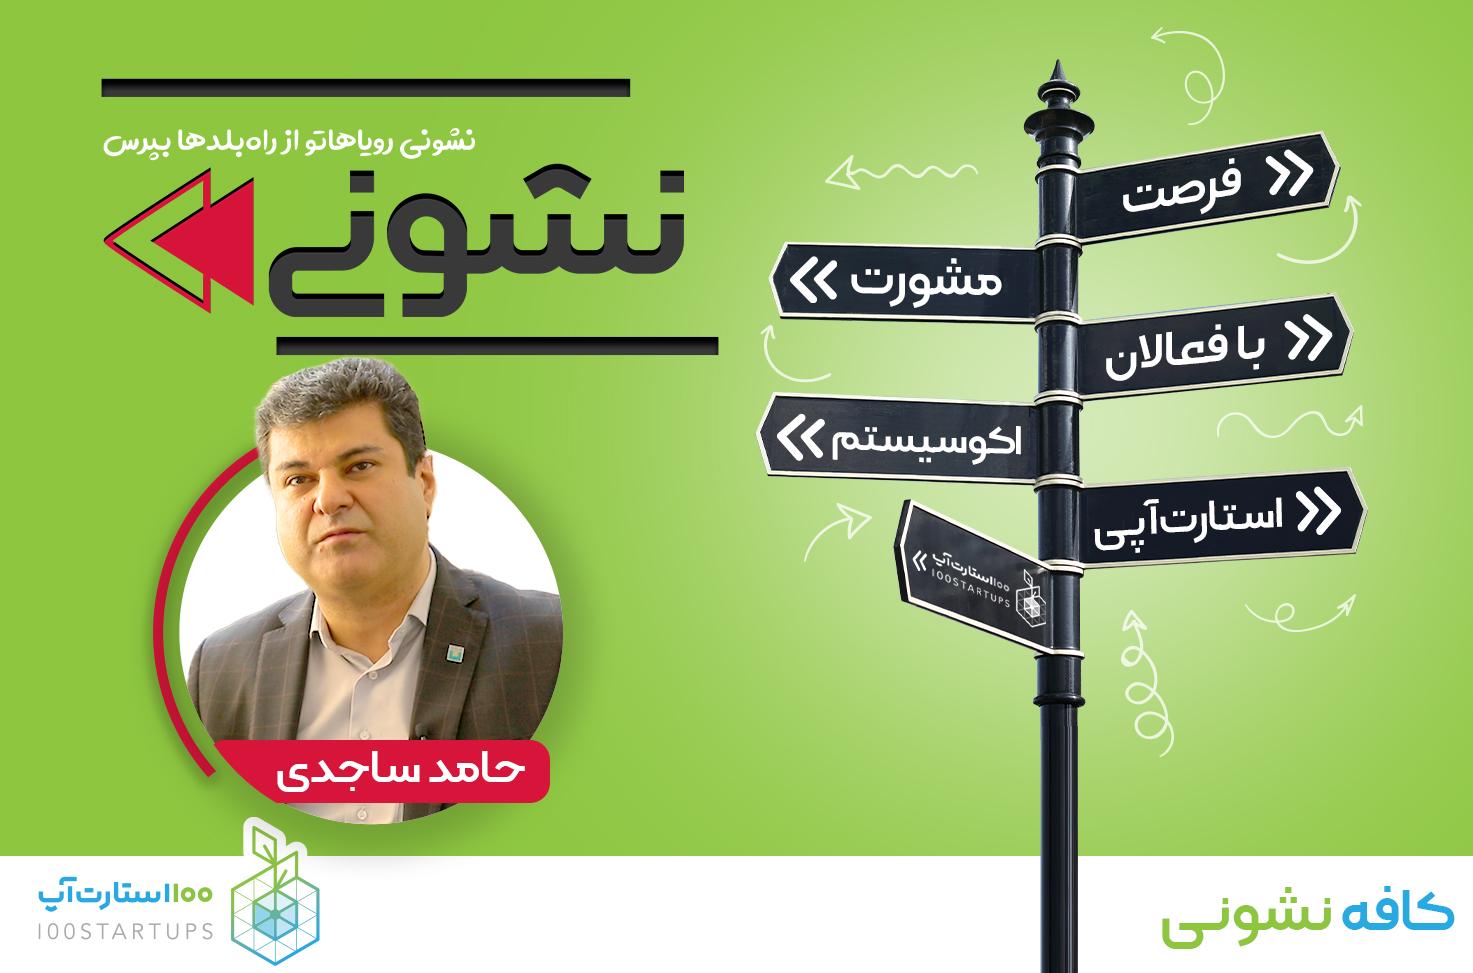 کافه نشونی، نشونی موفقیت، حامد ساجدی، مهندسی برق دانشگاه امیر کبیر، استارتاپ، 100استارتاپ